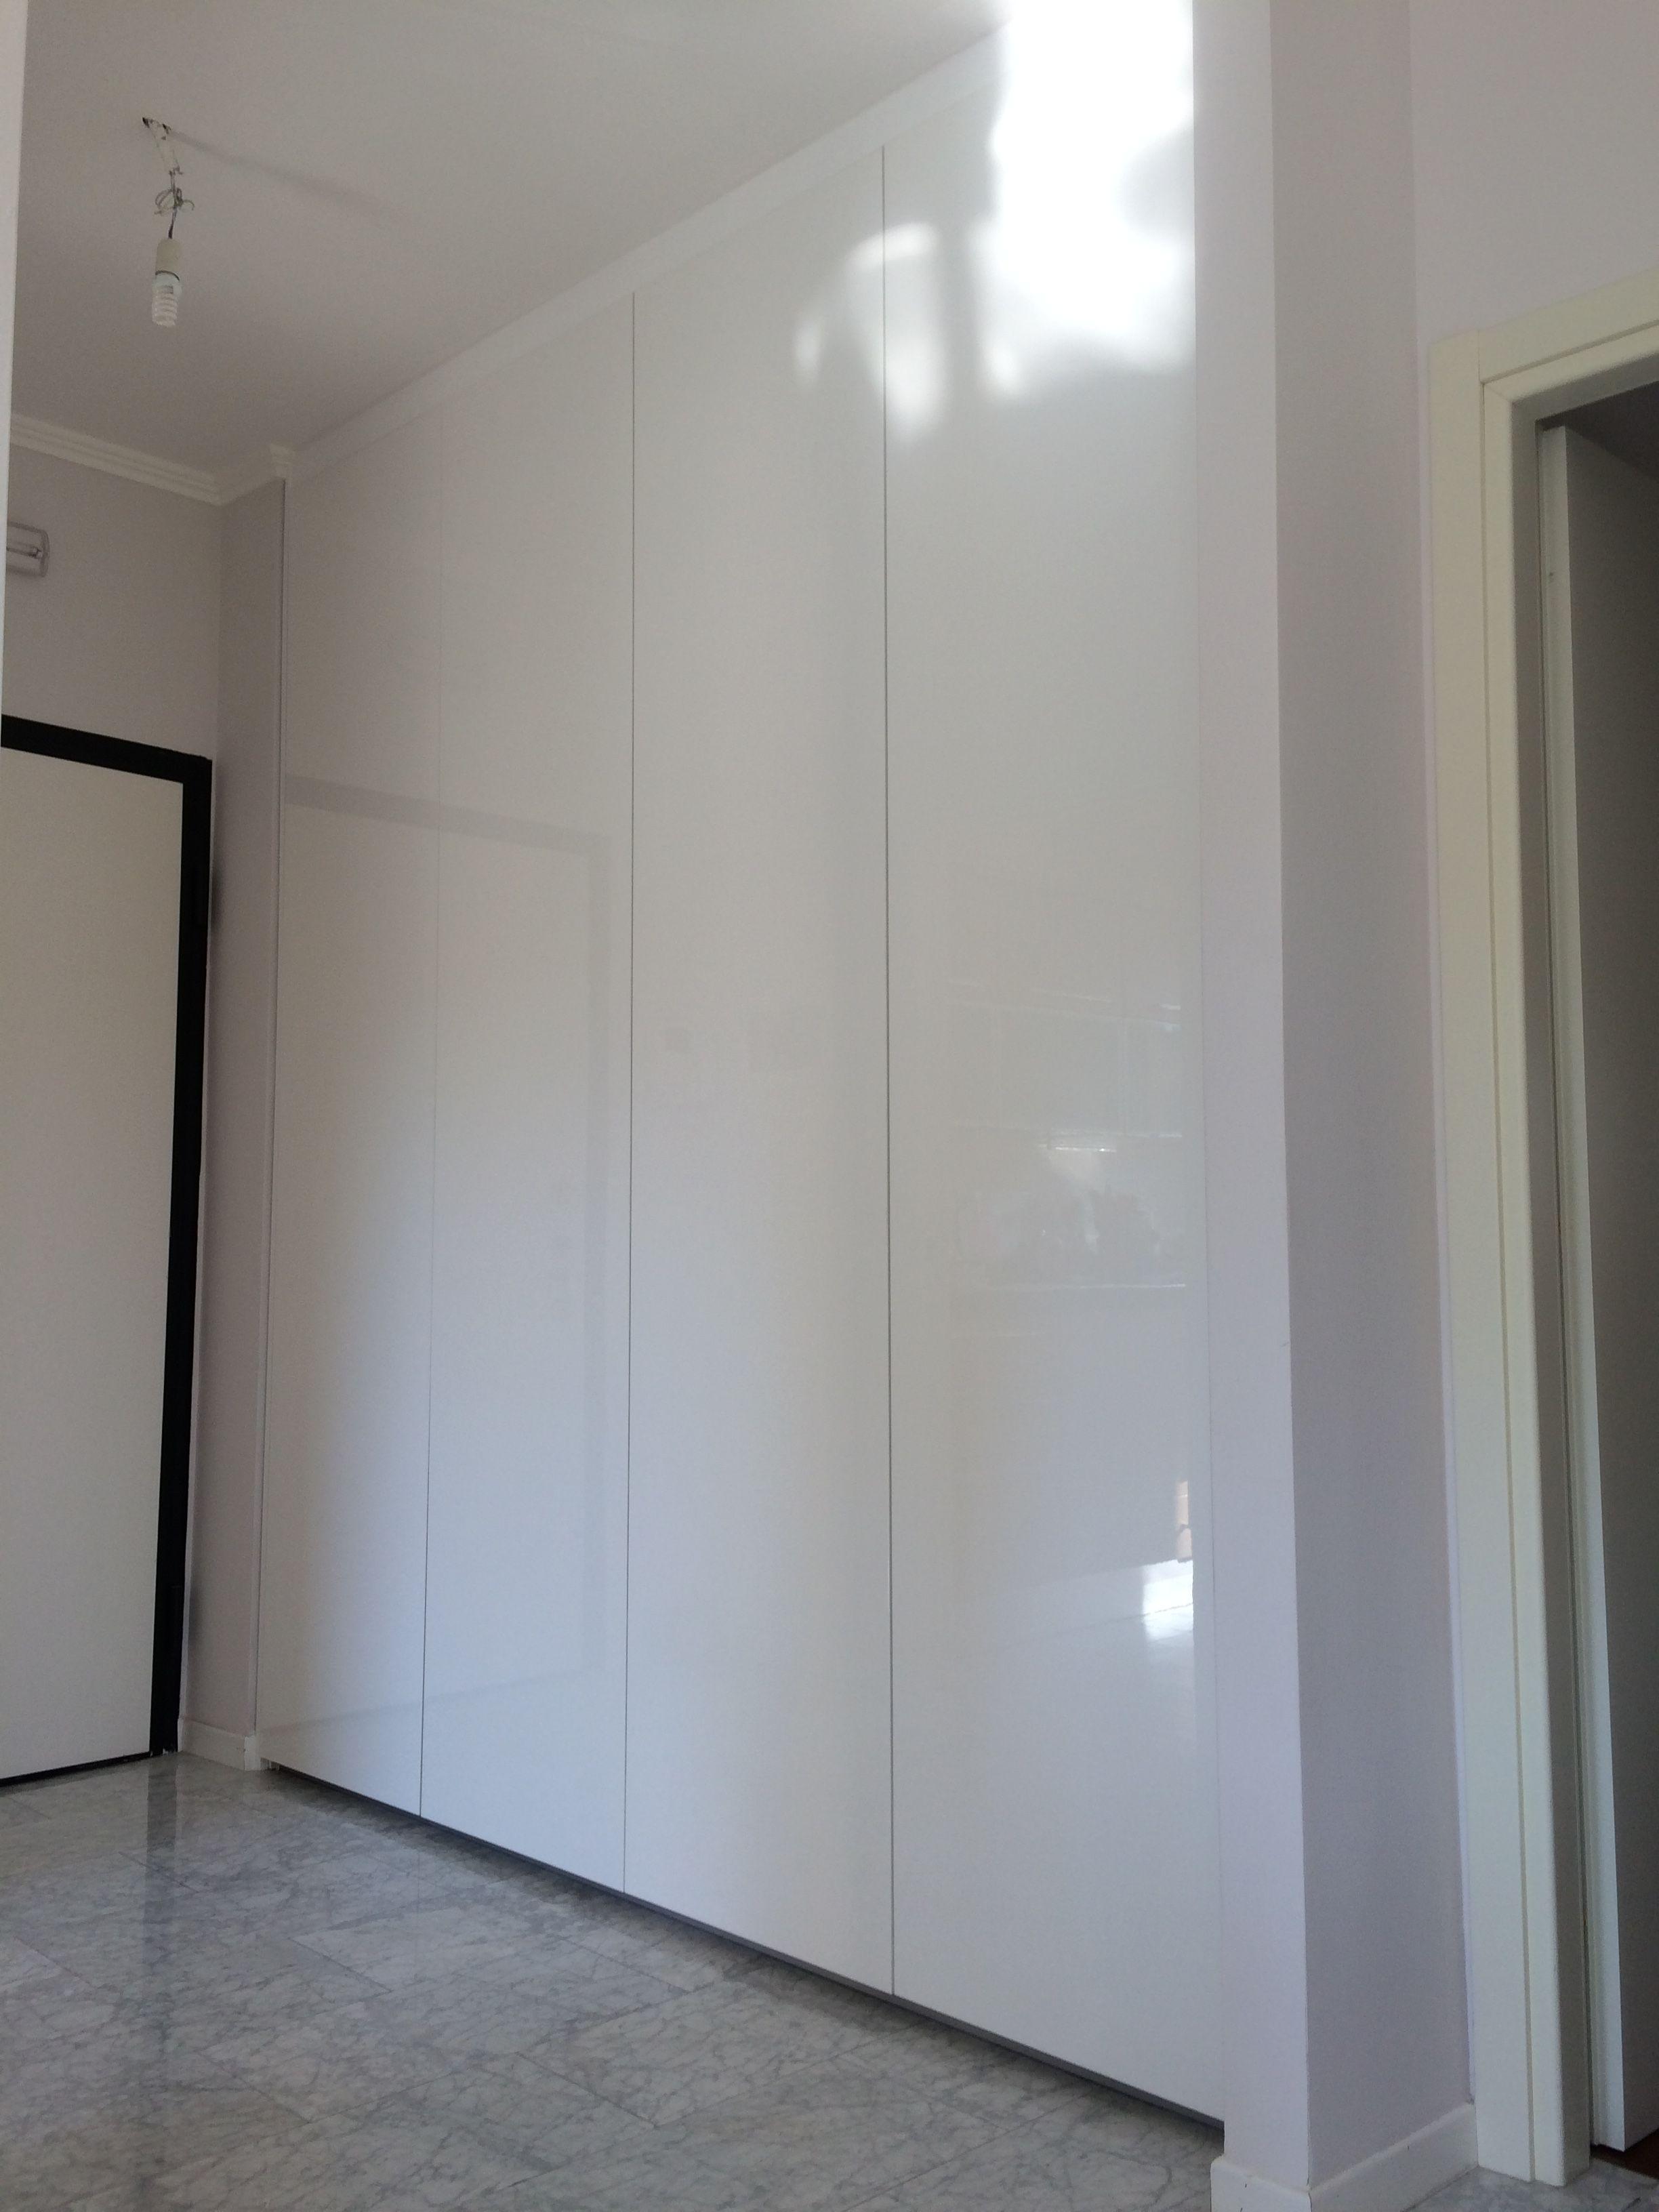 Armadio A Muro Laccato Bianco.Un Armadio A Muro Laccato Lucido In Un Appartamento Di Roma Arredamento Mobili Ingresso Casa Armadio Ingresso E Armadio A Muro